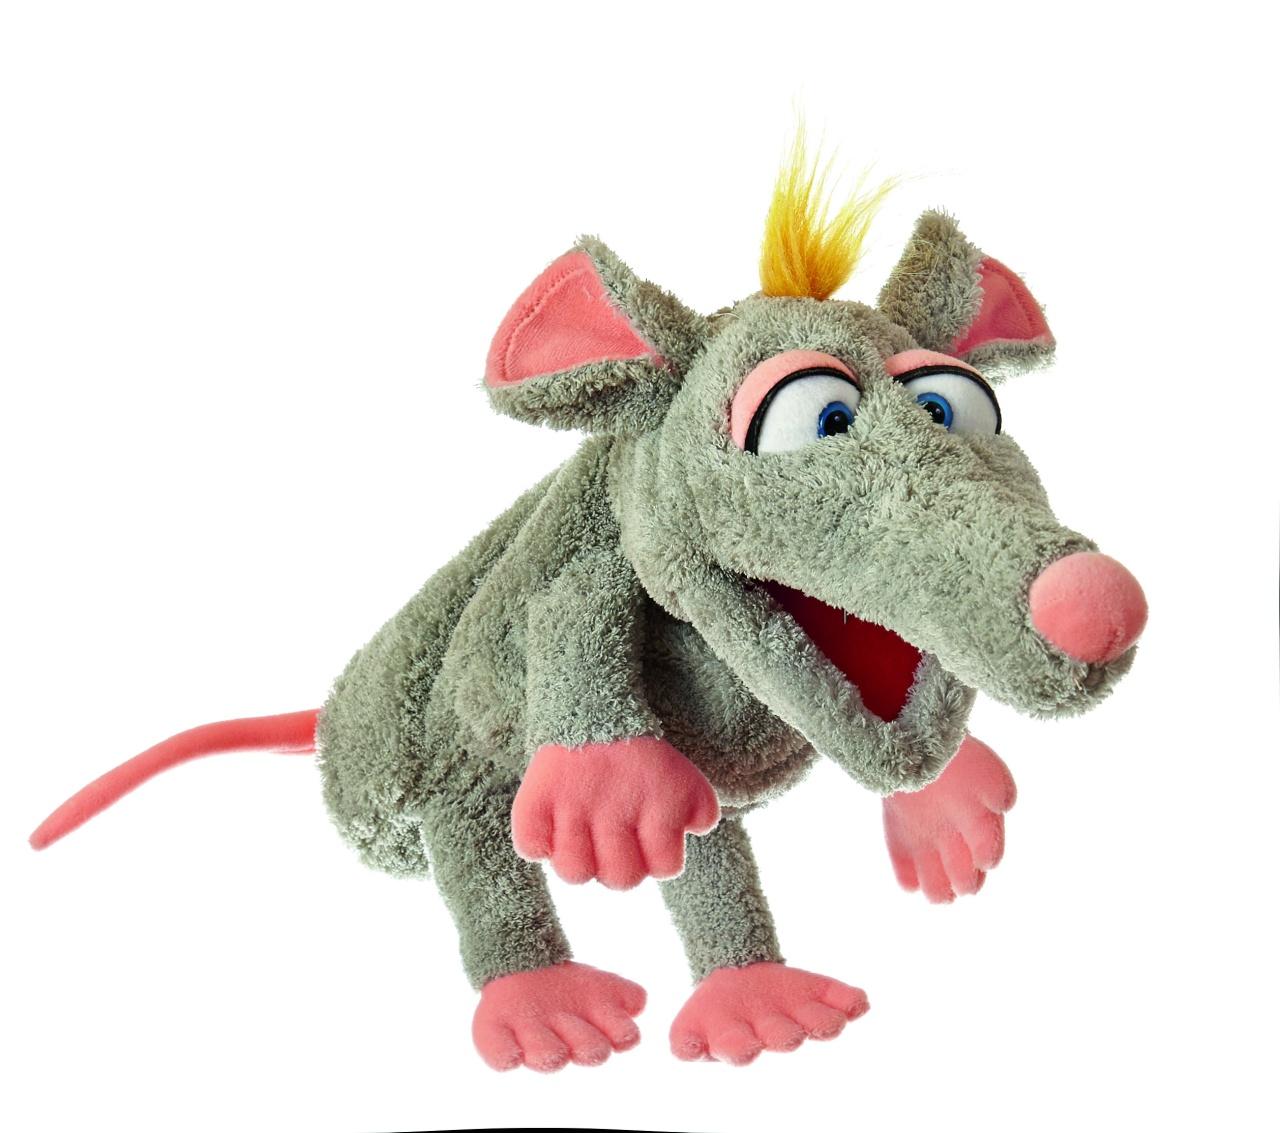 Living Puppets W651 Schnurzpiepe die Ratte Hamdpuppe